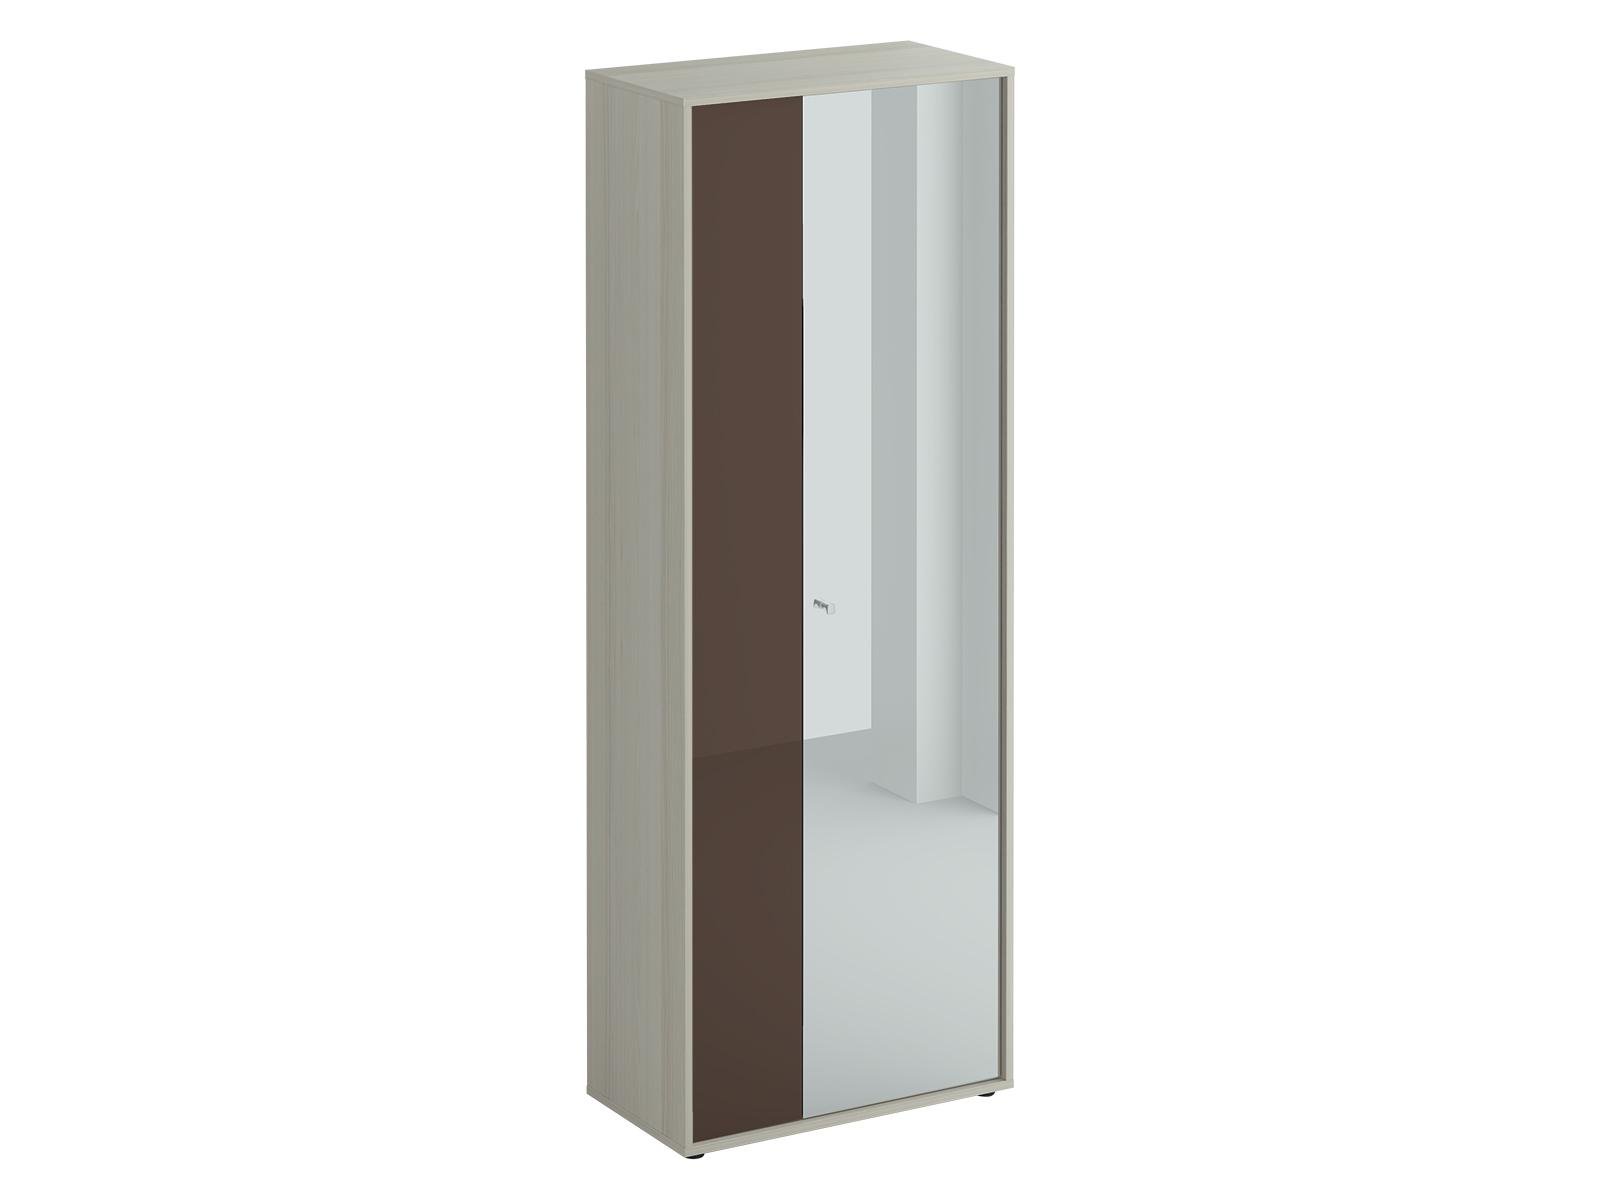 Шкаф двухдверный LatteПлатяные шкафы<br>Шкаф двухстворчатый. Наполнение шкафа: выдвижная штанга для одежды и две полки. Узкая дверь декорирована окрашенным стеклом, на широкую дверь – наклеено зеркало. Двери можно менять местами. Шкаф крепится к стене.<br><br>Material: ДСП<br>Width см: 70<br>Depth см: 37<br>Height см: 191